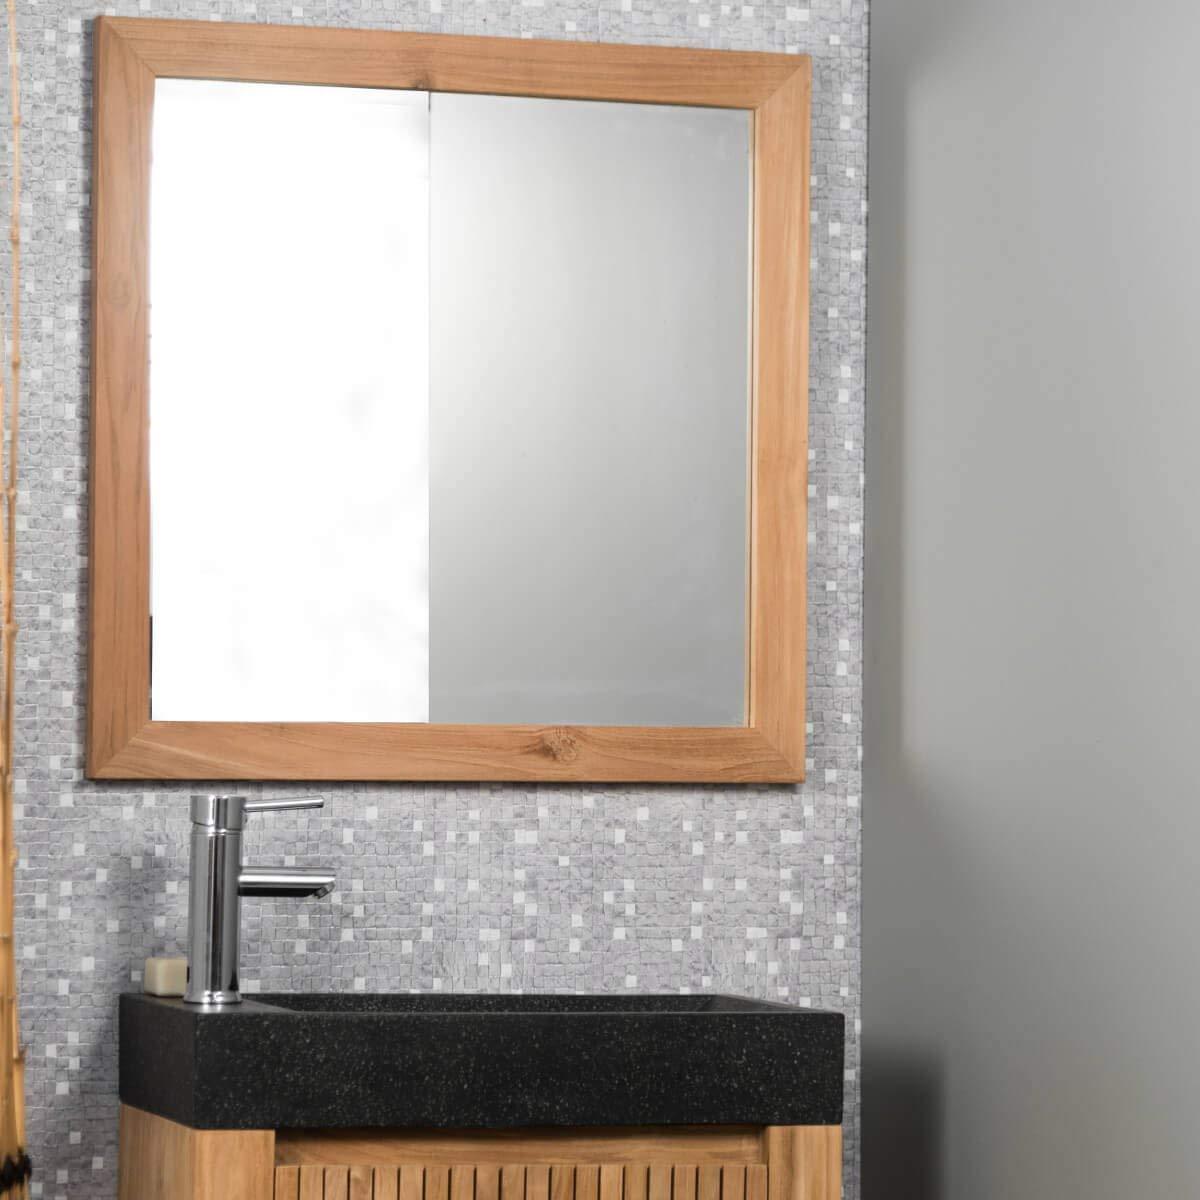 miroir salle de bain en teck